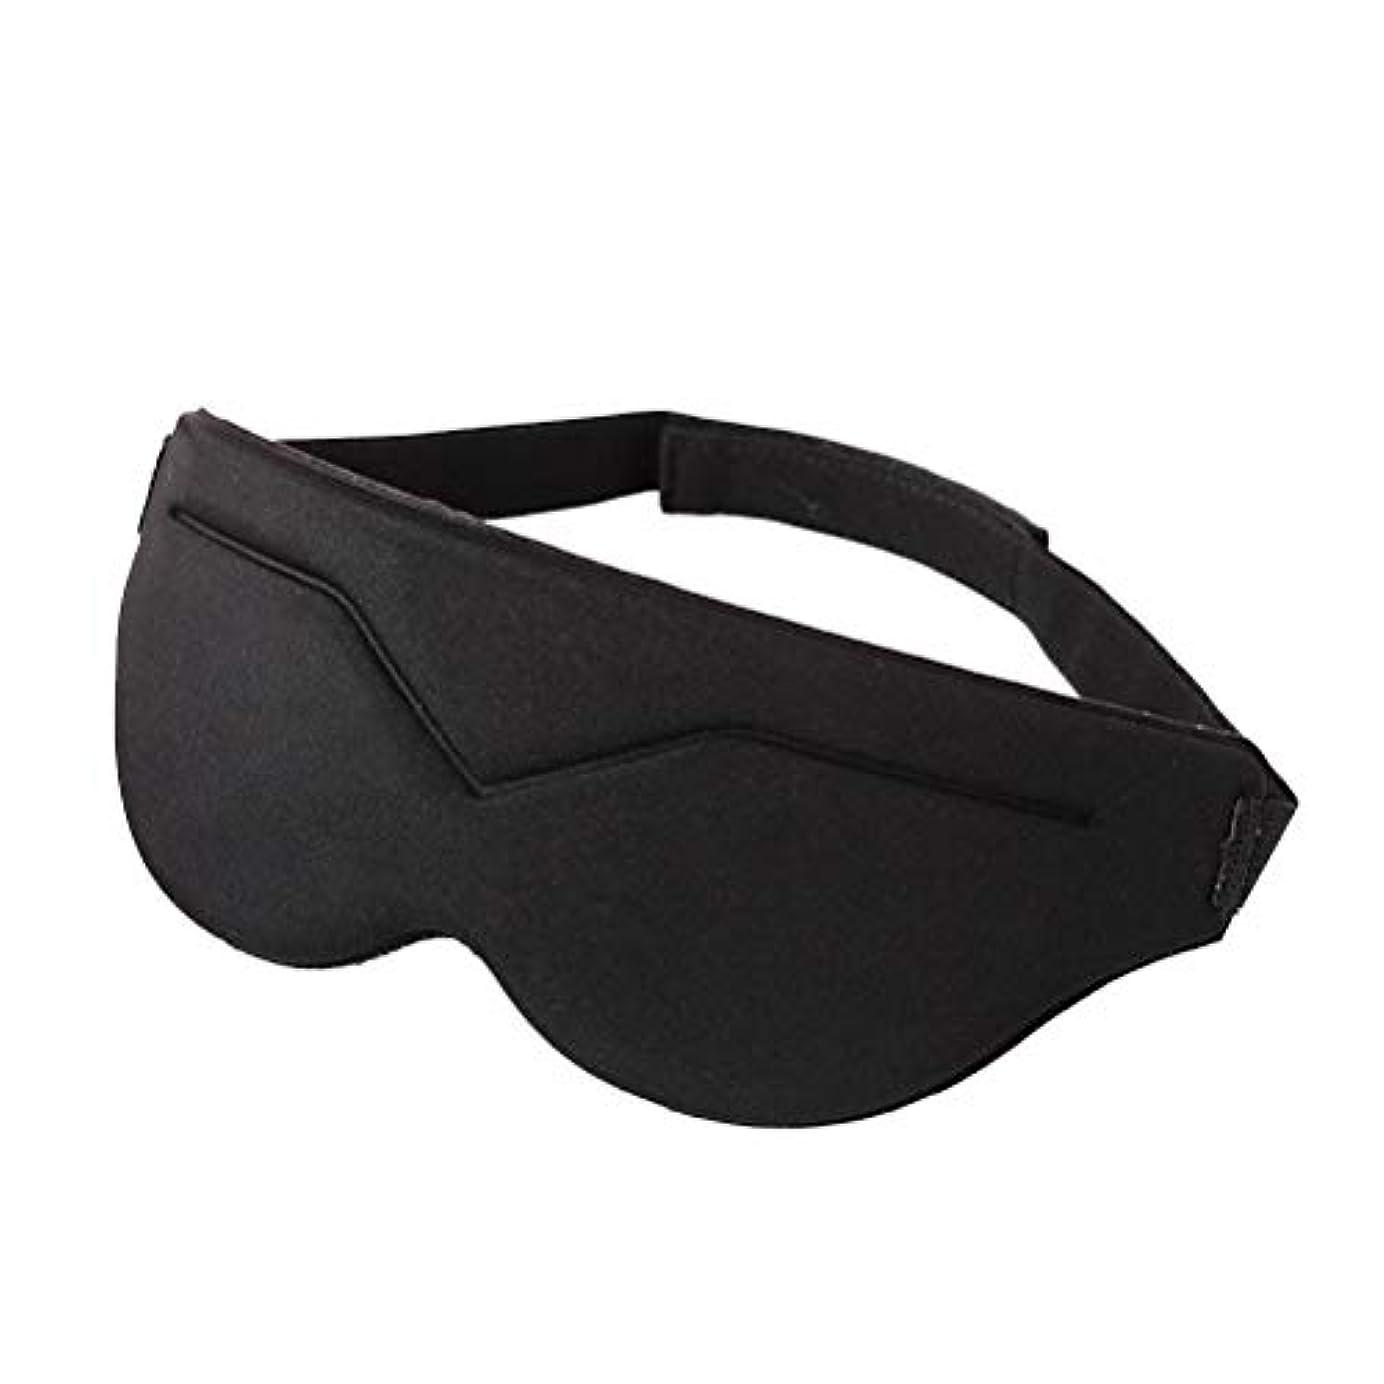 シェード禁止歌うSuvox睡眠マスク3dぬいぐるみアイマスクアロマ目隠しアイカバー用女性男性子供ホームベッドオフィス旅行フライトカーキャンプ